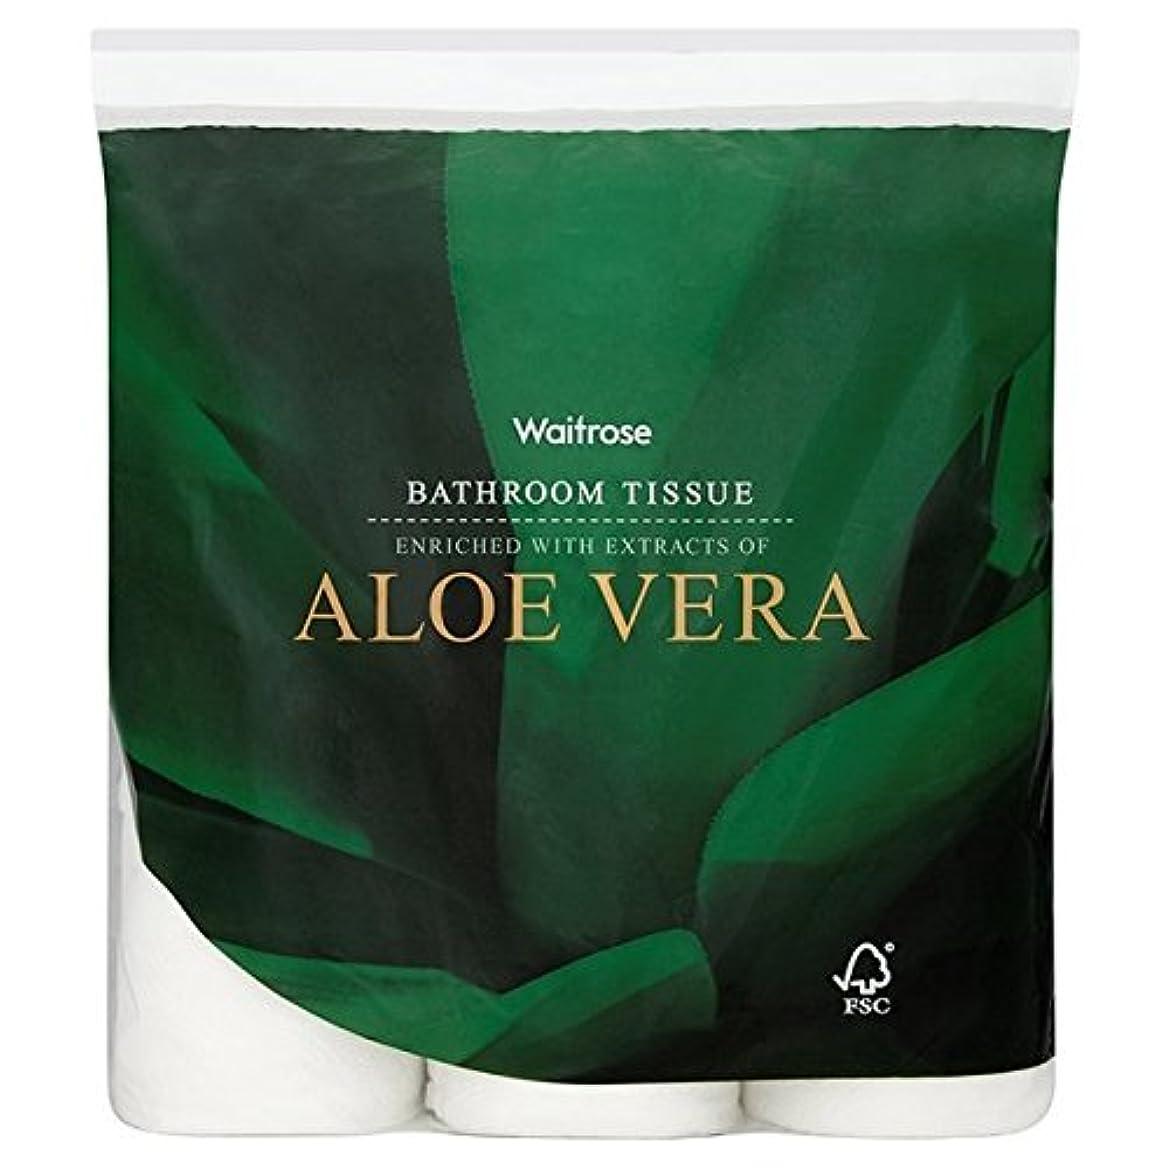 ジョブ堂々たる重要性Aloe Vera Bathroom Tissue White Waitrose 9 per pack - パックあたりアロエベラ浴室組織白ウェイトローズ9 [並行輸入品]